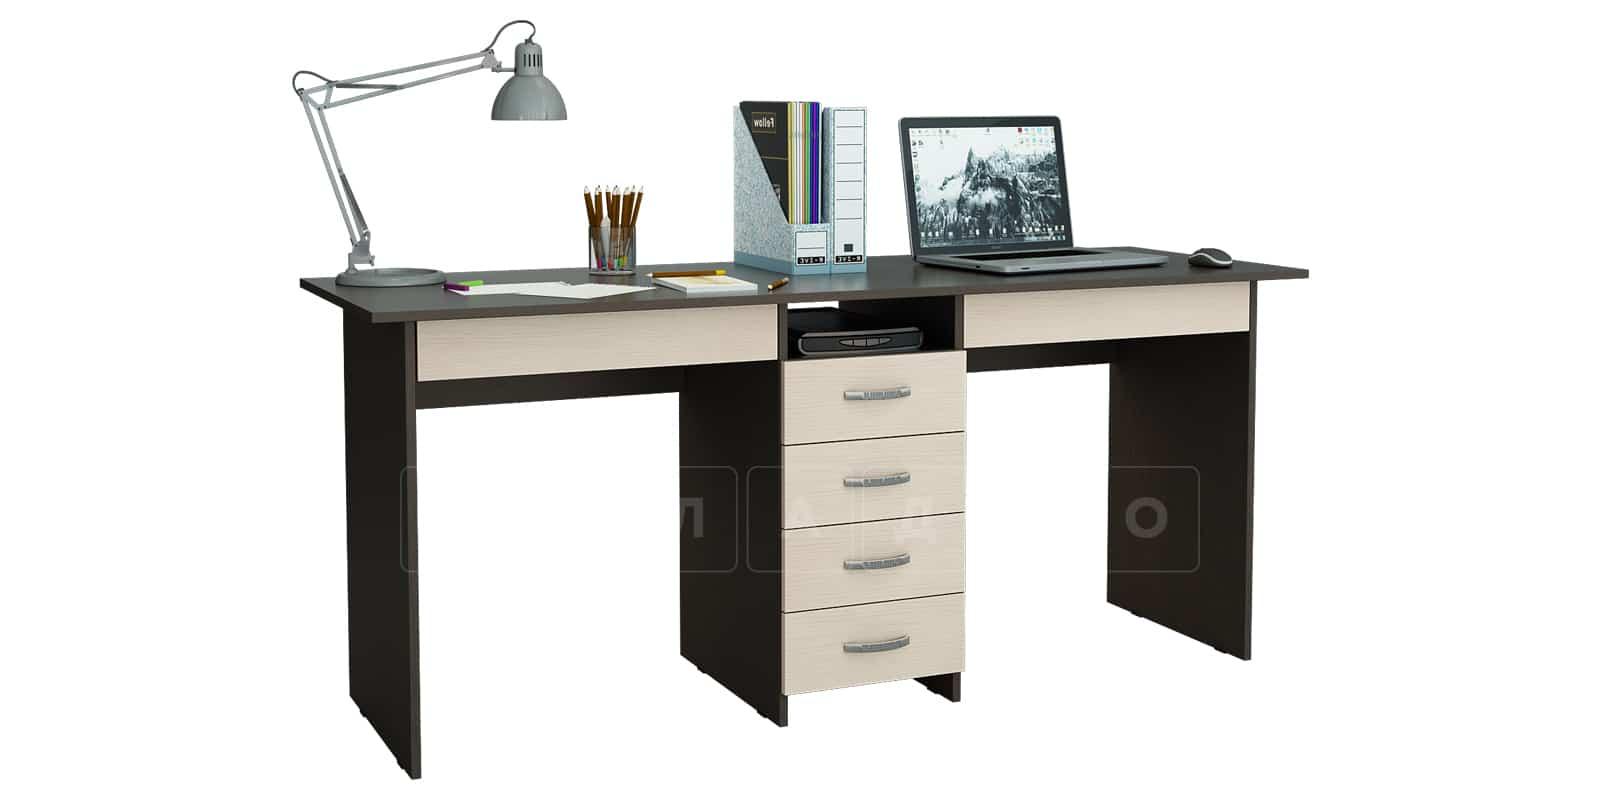 Офисный стол Кейптаун 6 ящиков фото 3 | интернет-магазин Складно